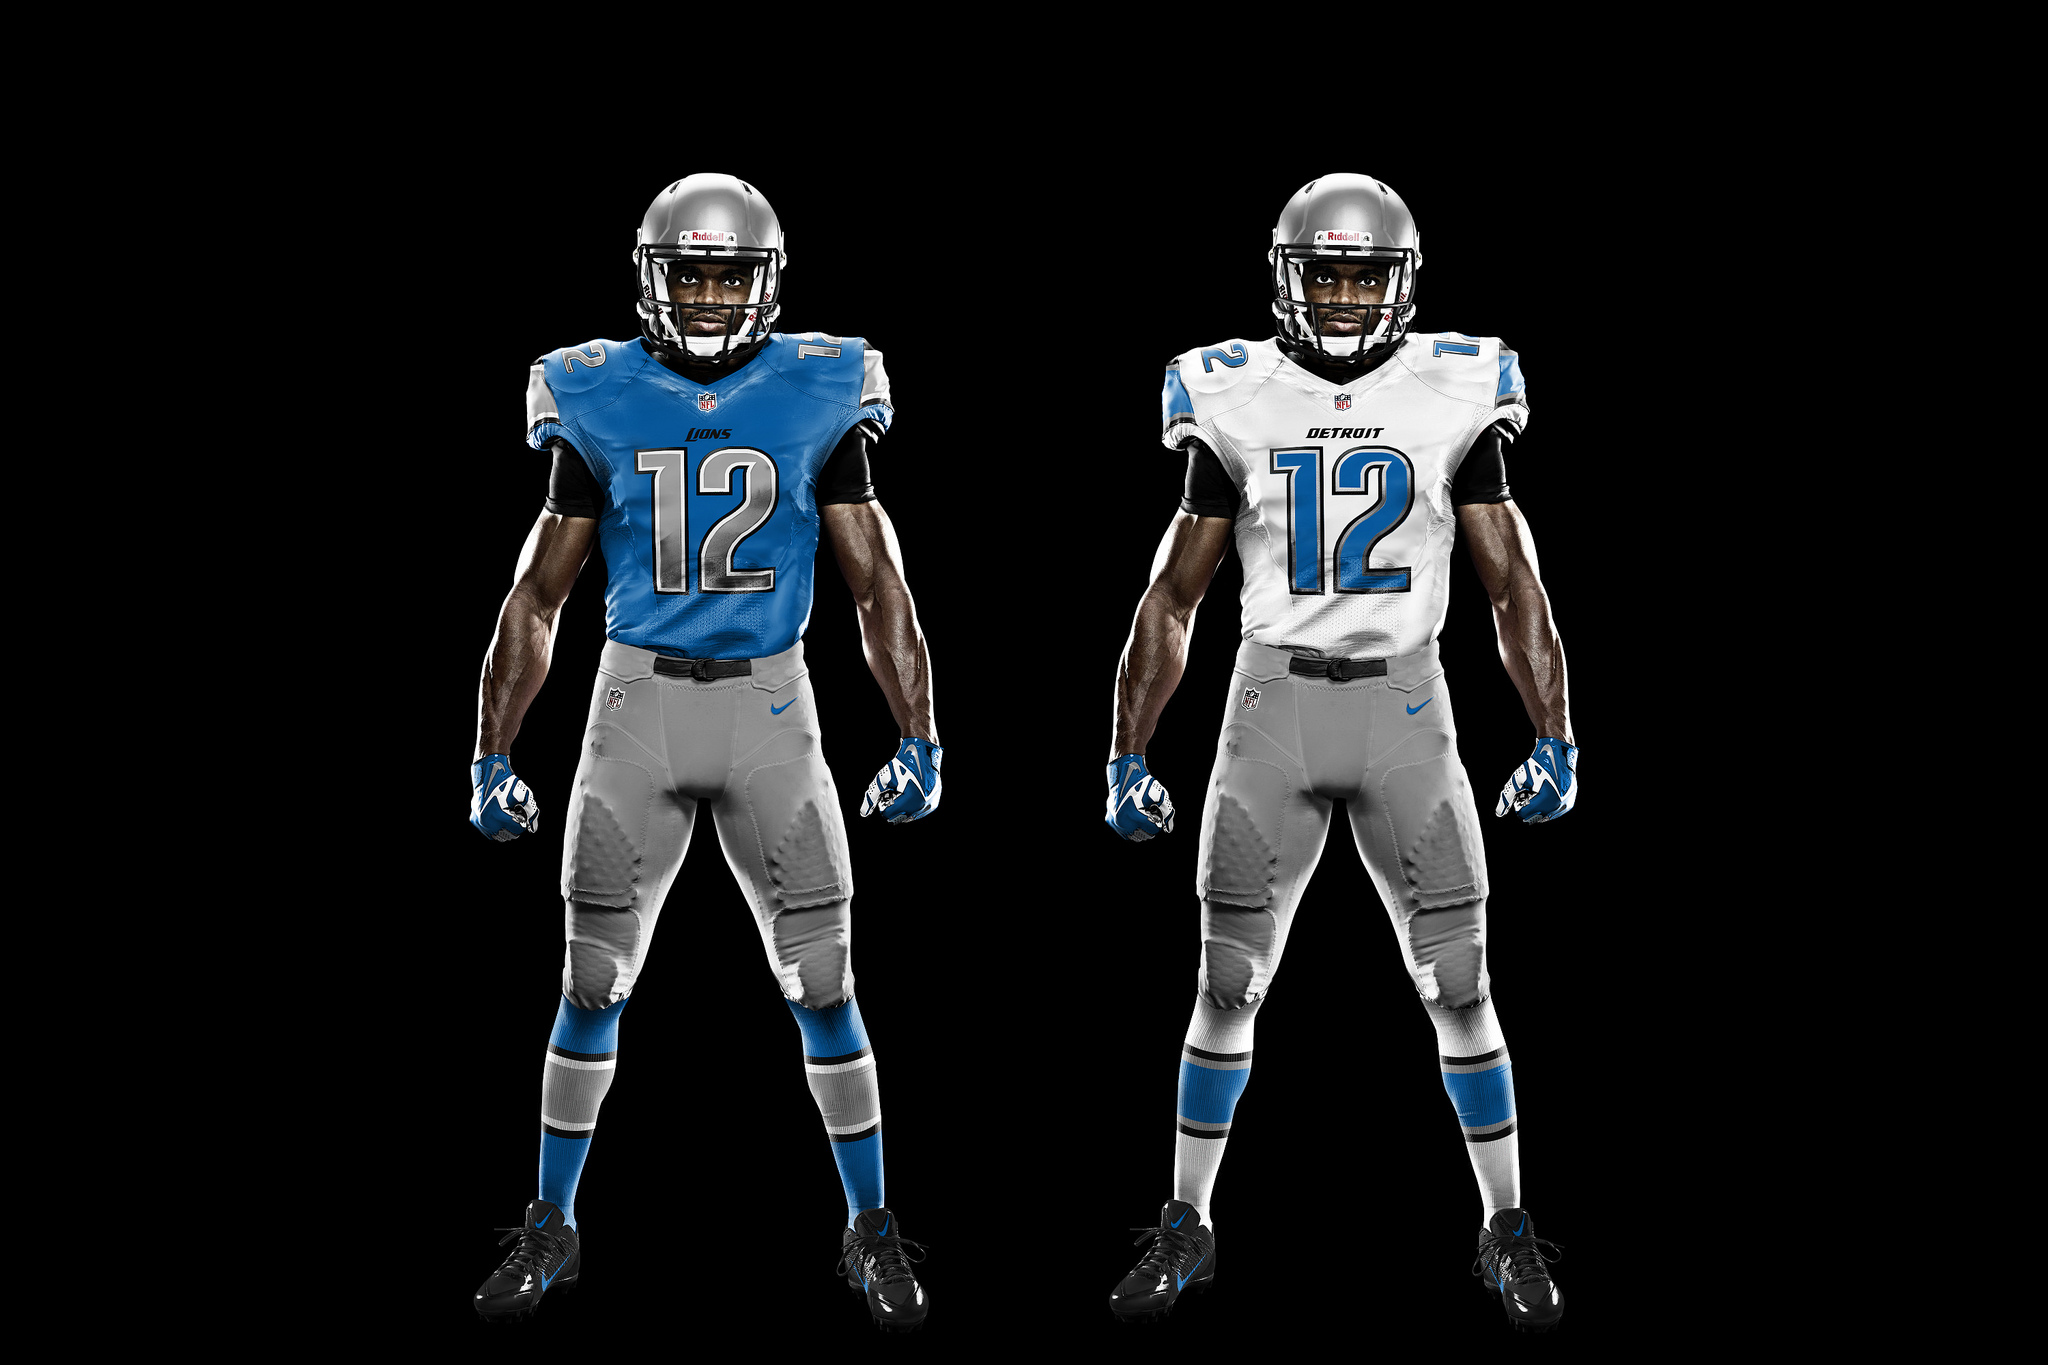 detroit-lions-uniforms.jpg